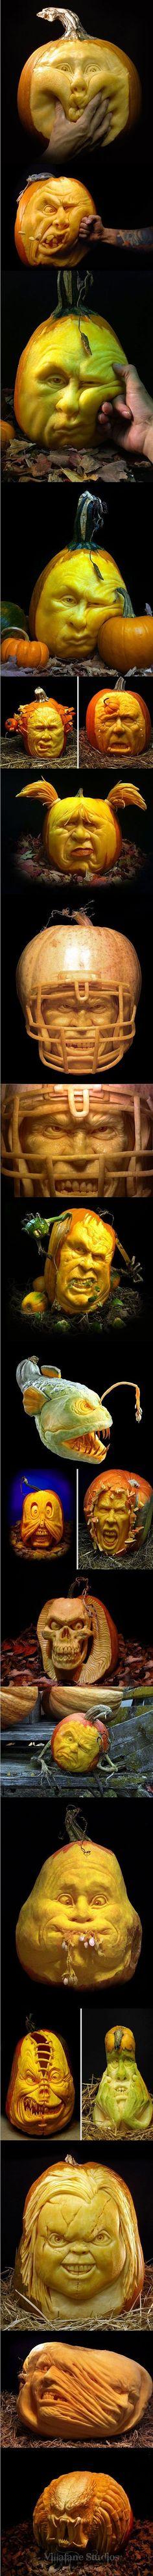 Best Carved Pumpkins Ever!